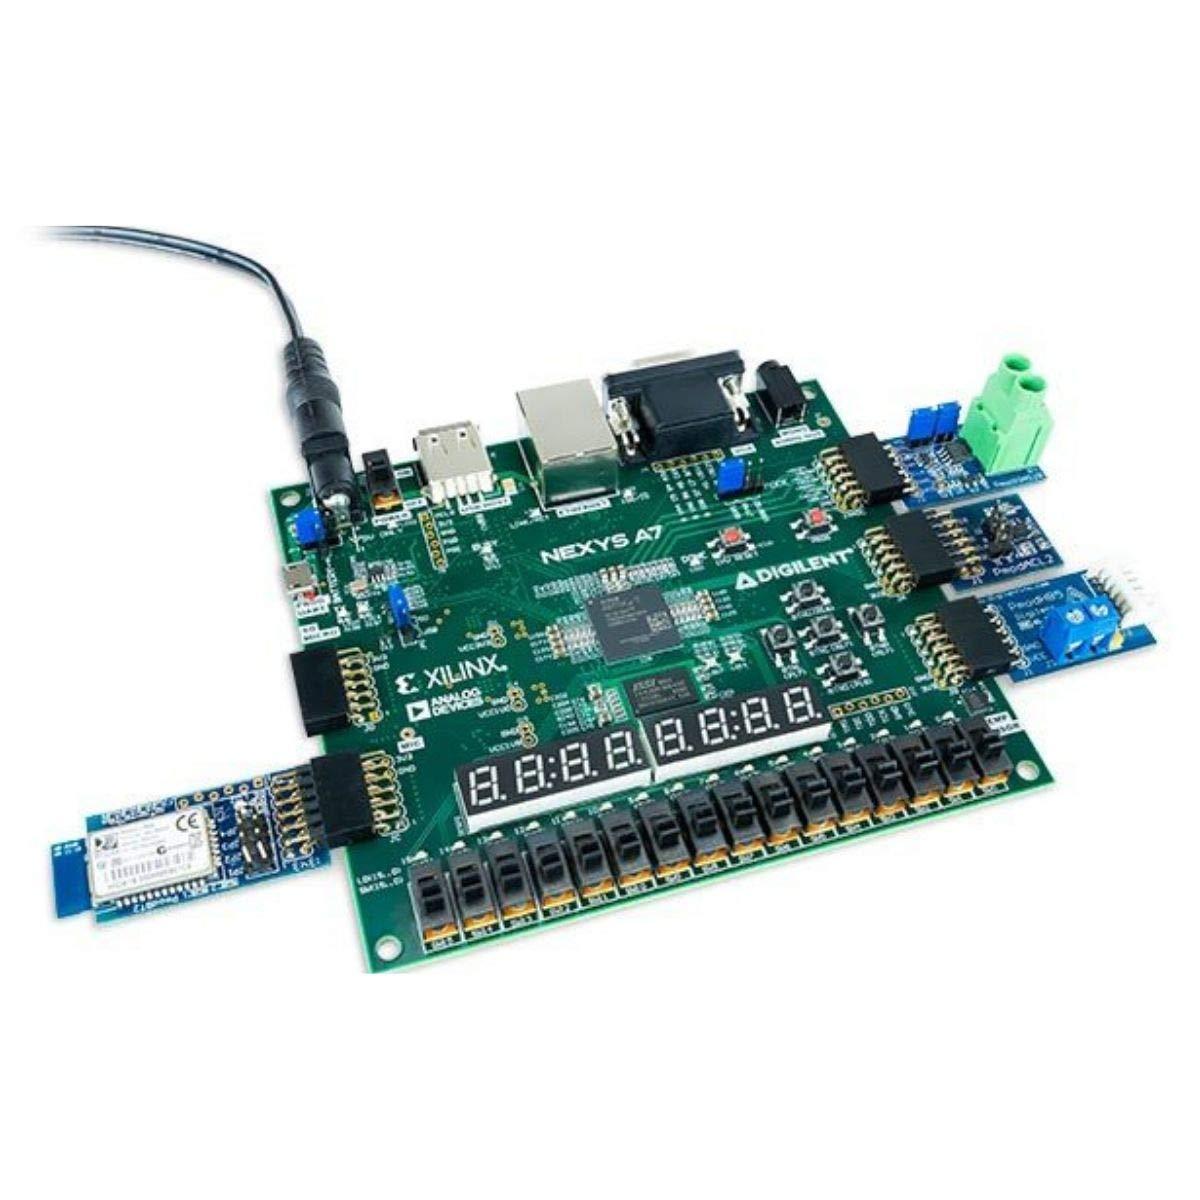 Digilent Nexys 4 DDR Artix-7 FPGA: Trainer Board Recommended for ECE